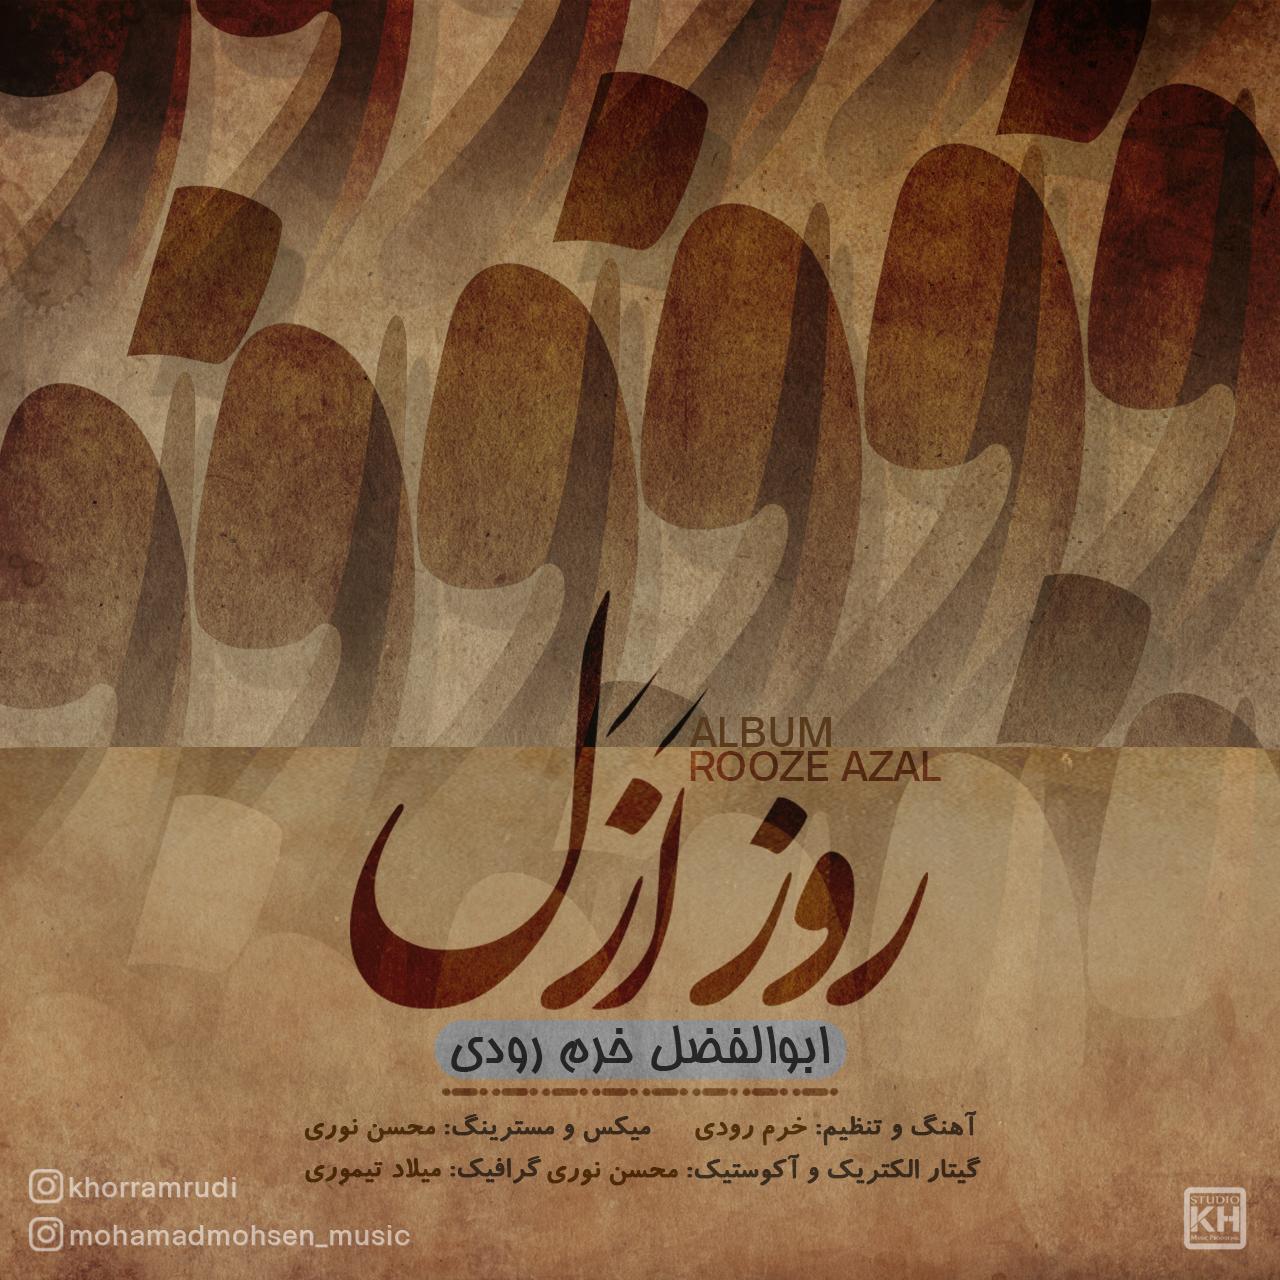 آلبوم روز ازل - ابوالفضل خرم رودی